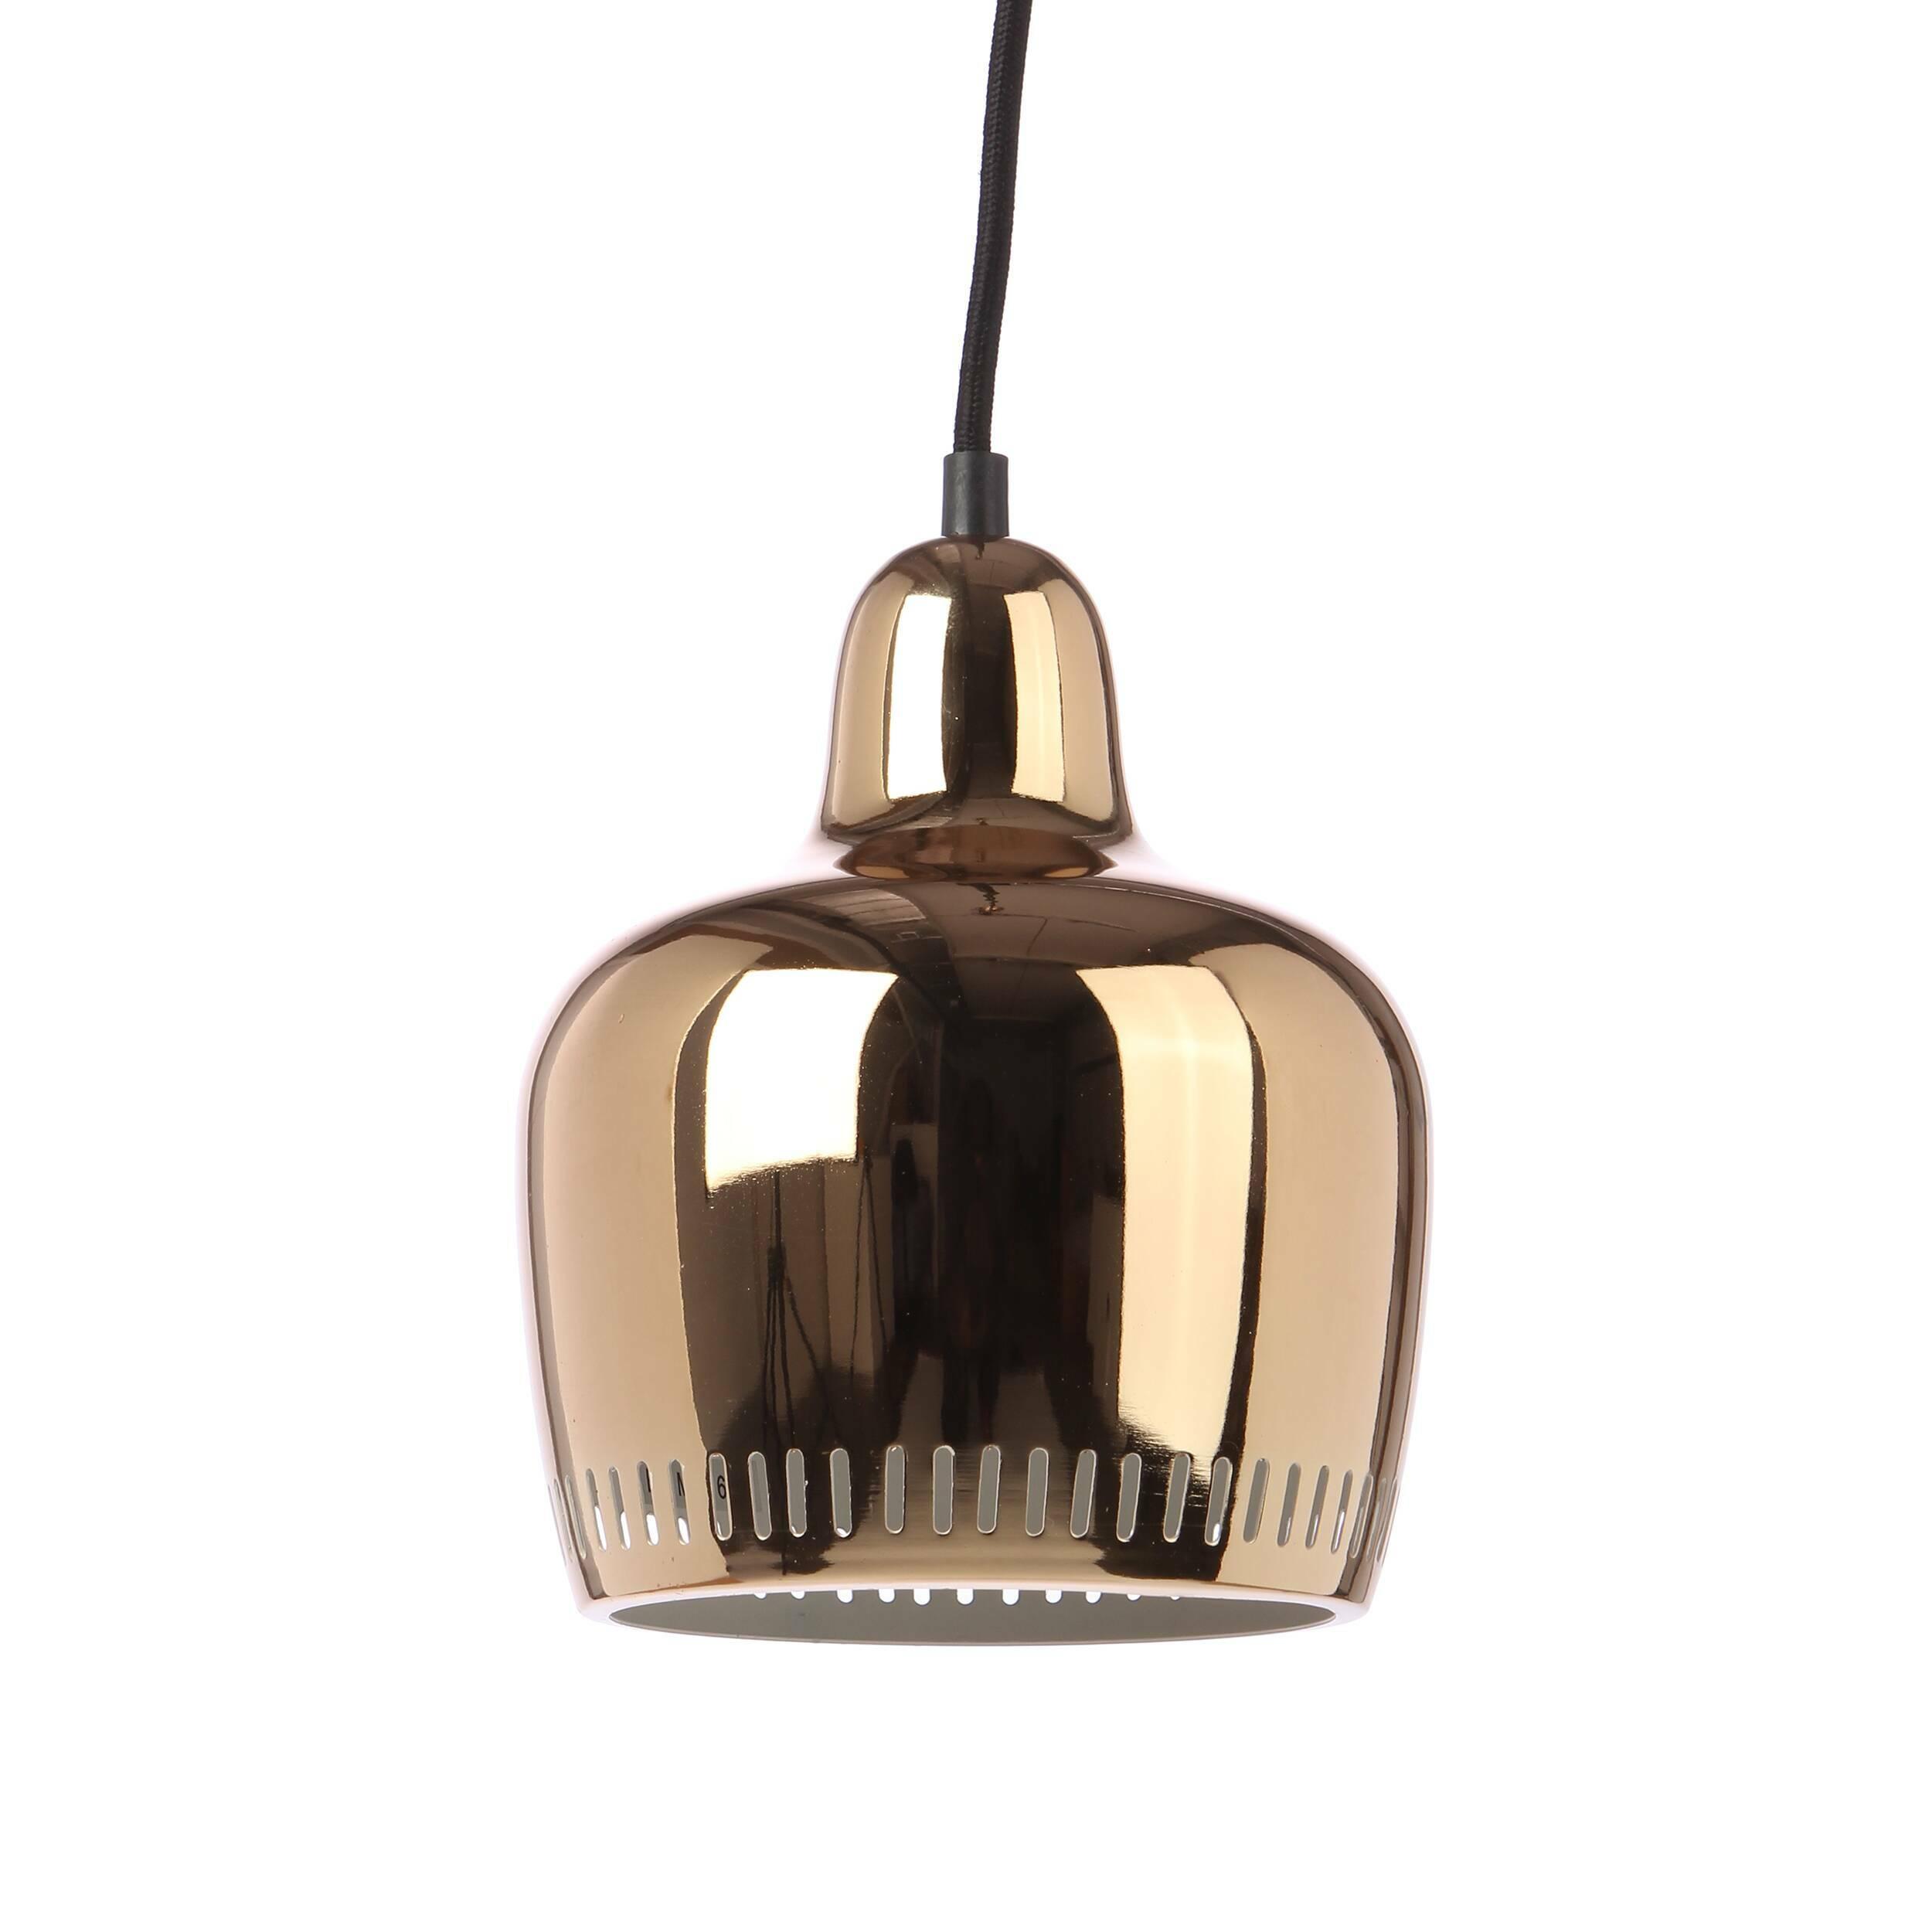 Подвесной светильник Magic BellПодвесные<br>Подвесной светильник Magic Bell, в буквальном переводе «золотой колокольчик», создан компанией Stilnovo. Это американская компания, которая воспроизводит лучшие люстры и светильники прошлого столетия и создает новые интересные дизайнерские осветительные приборы, используя в качестве источника вдохновения самые разные формы из самых разных времен истории человечества.<br><br><br> В этот раз источником вдохновения послужили лампы и церковные колокола Средневековья. Простая невычурная форма, обтек...<br><br>stock: 13<br>Высота: 19.5<br>Диаметр: 18<br>Длина провода: 200<br>Количество ламп: 1<br>Материал абажура: Сталь<br>Материал арматуры: Сталь<br>Мощность лампы: 60<br>Ламп в комплекте: Нет<br>Напряжение: 220-240<br>Тип лампы/цоколь: E27<br>Цвет абажура: Золотой<br>Цвет арматуры: Золотой<br>Цвет провода: Черный